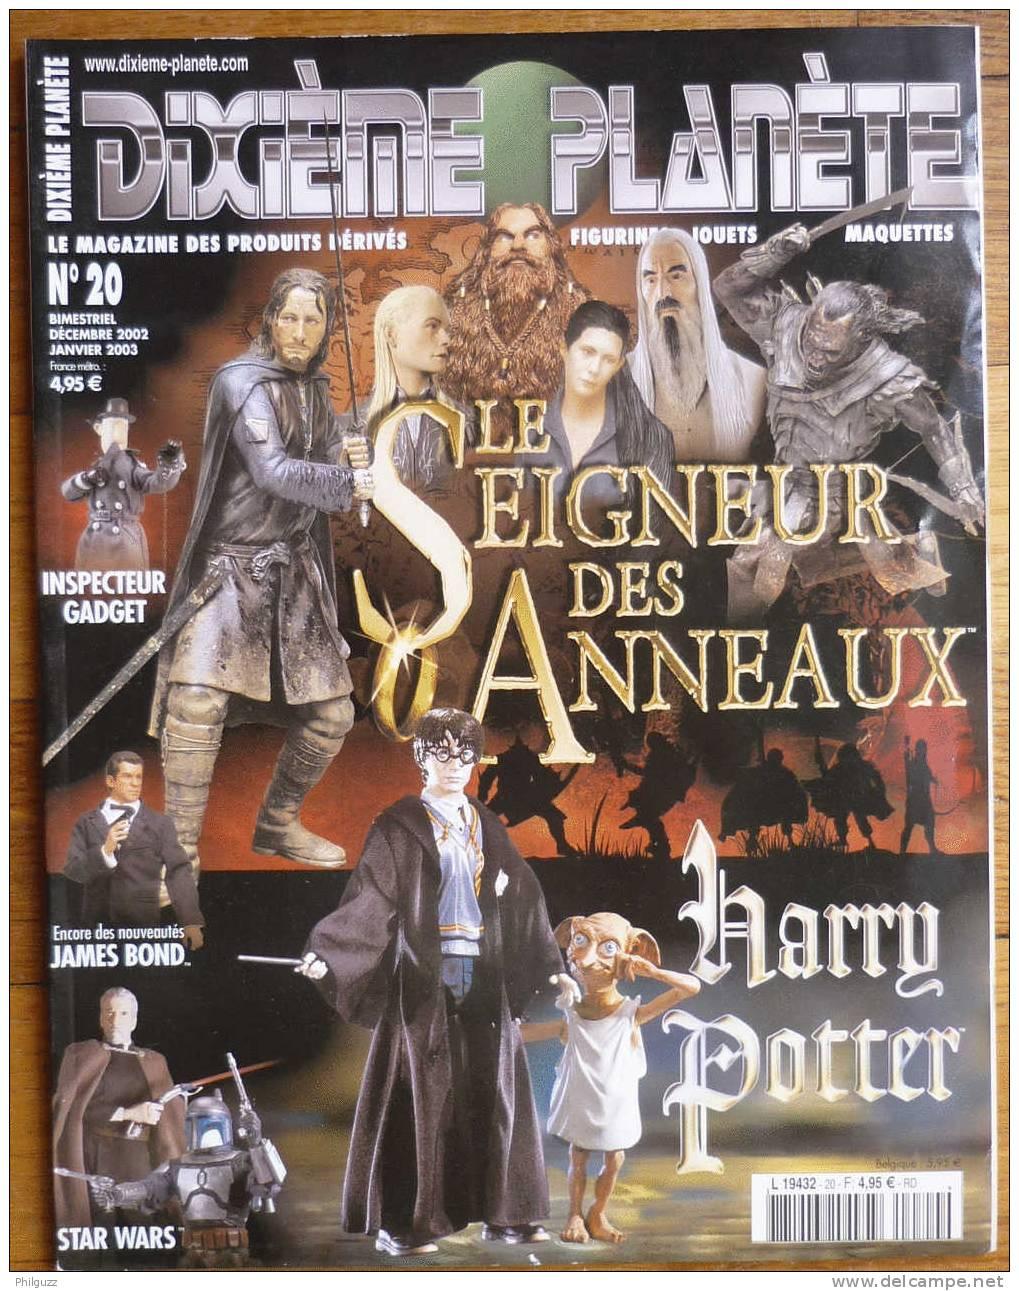 DIXIEME PLANETE N° 20 LE SEIGNEUR DES ANNEAUX  HARRY POTTER  INSPECTEUR GADGET  JAMES BOND  STAR WARS - Unclassified